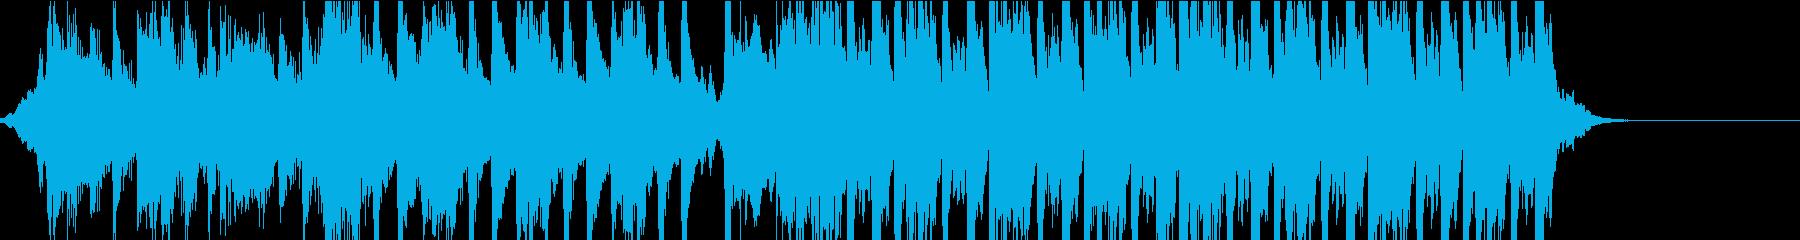 チェロとヴァイオリンによる壮大な重低音の再生済みの波形